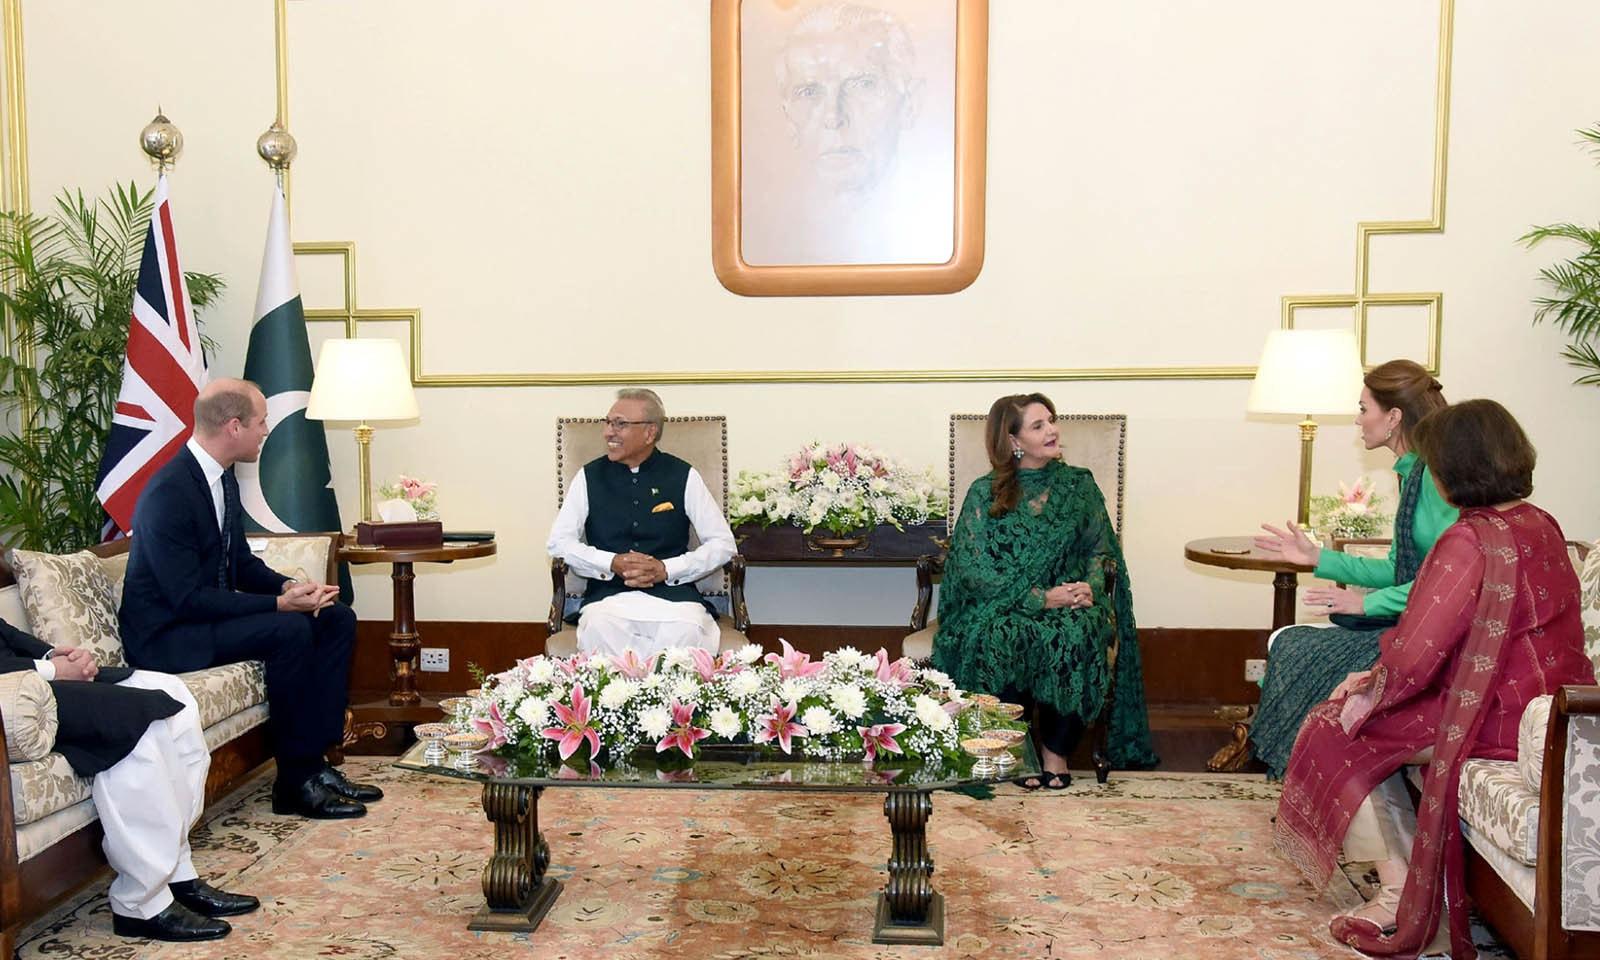 شاہی جوڑے نے ایوان صدر میں صدر مملکت عارف علوی اور ان کی اہلیہ سے بھی ملاقاتی کی — فوٹو: پی آئی ڈی